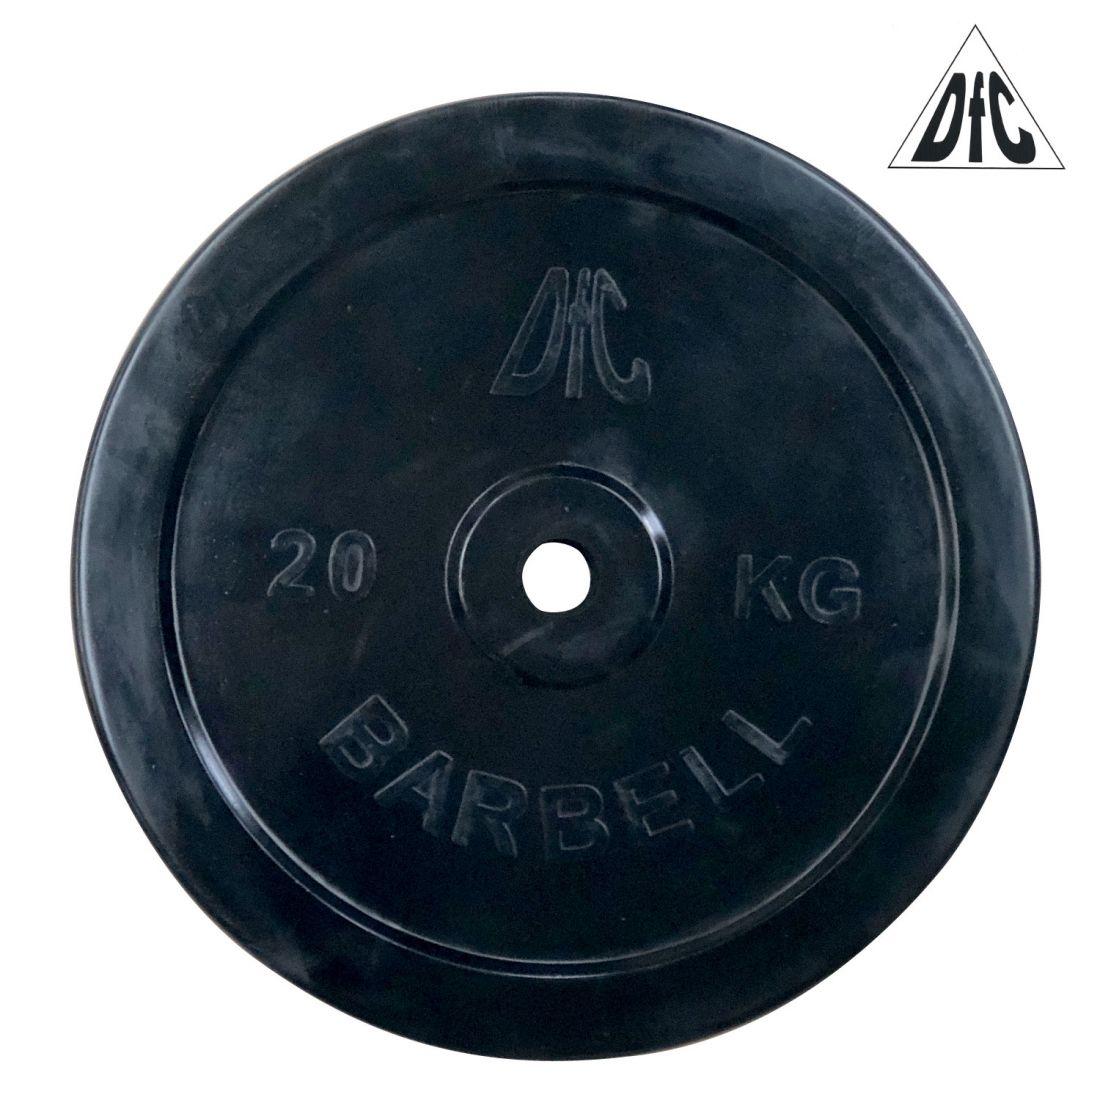 Диск обрезиненный DFC, чёрный, 26 мм, 20кг